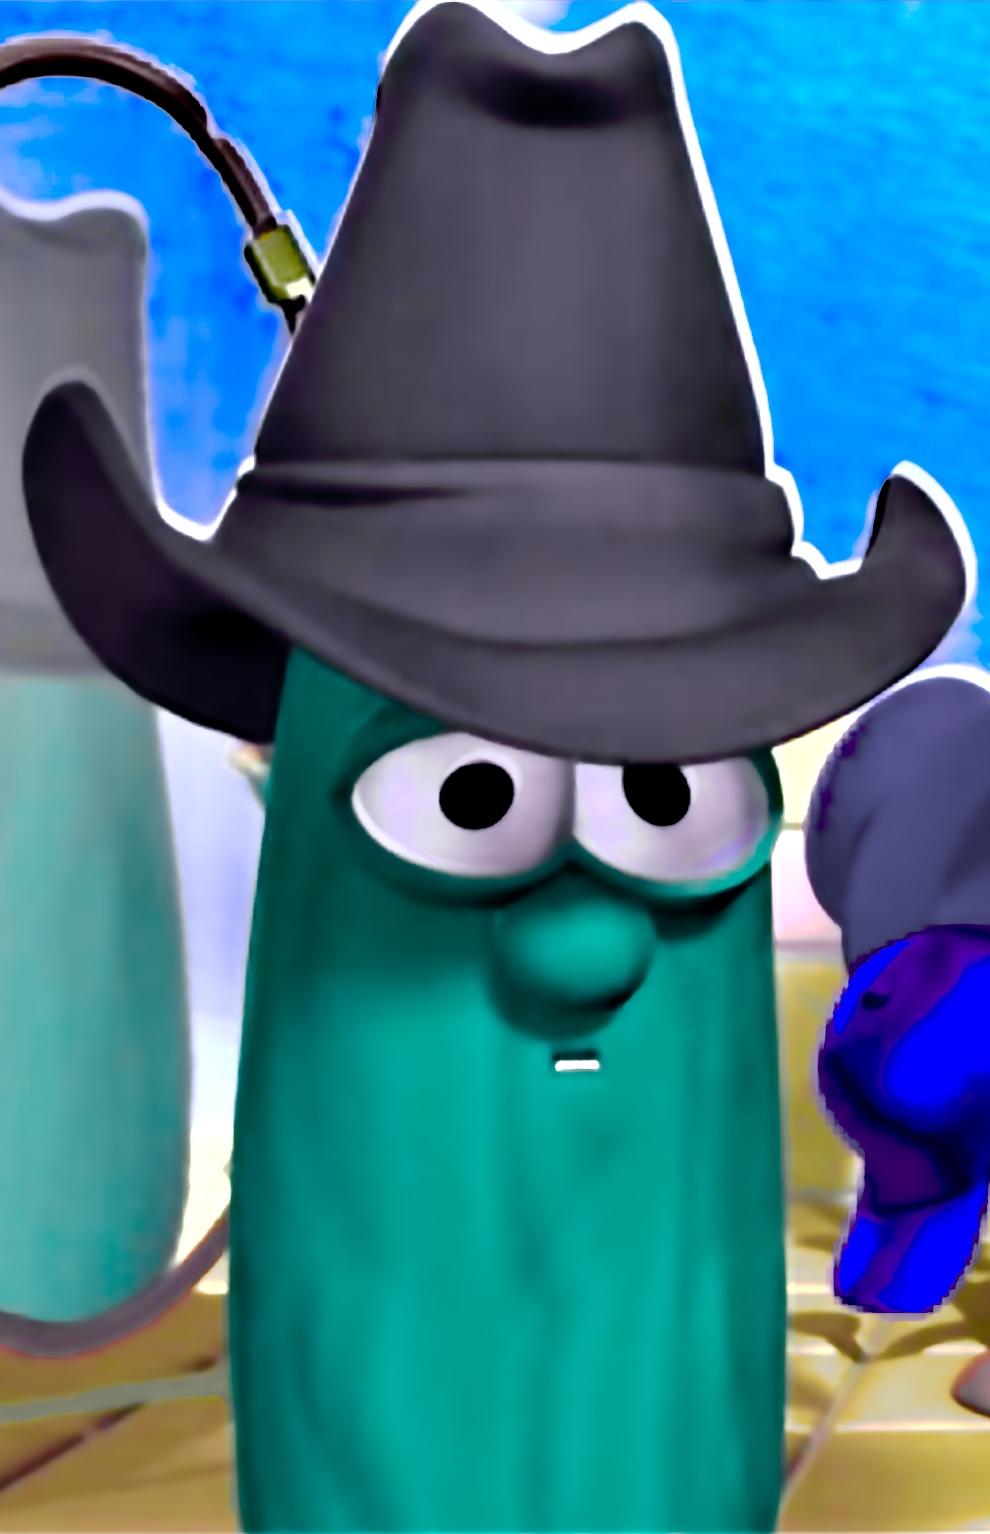 File:Cowboy Larry.png